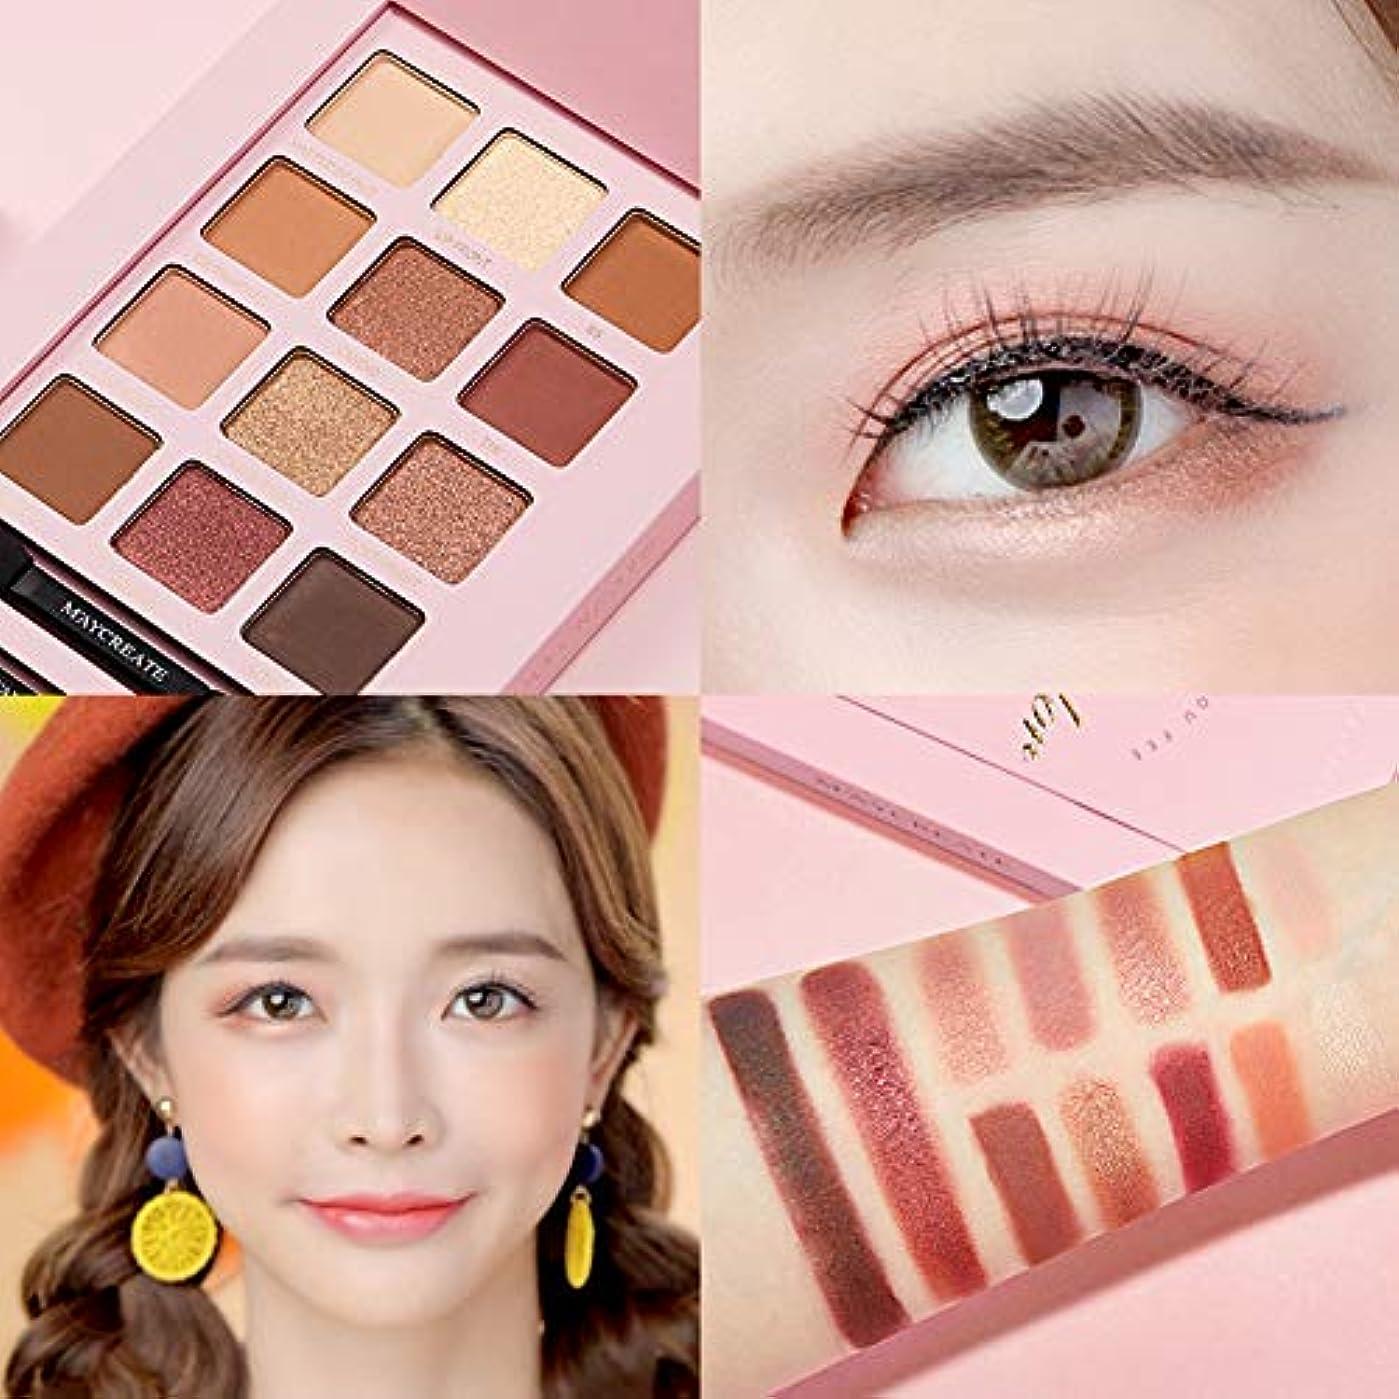 学部元のシャックルDkhsyアイシャドーマットアイシャドープレート美容女性の目の化粧品ラスティングキラキラアイシャドウ化粧品ツール 12色